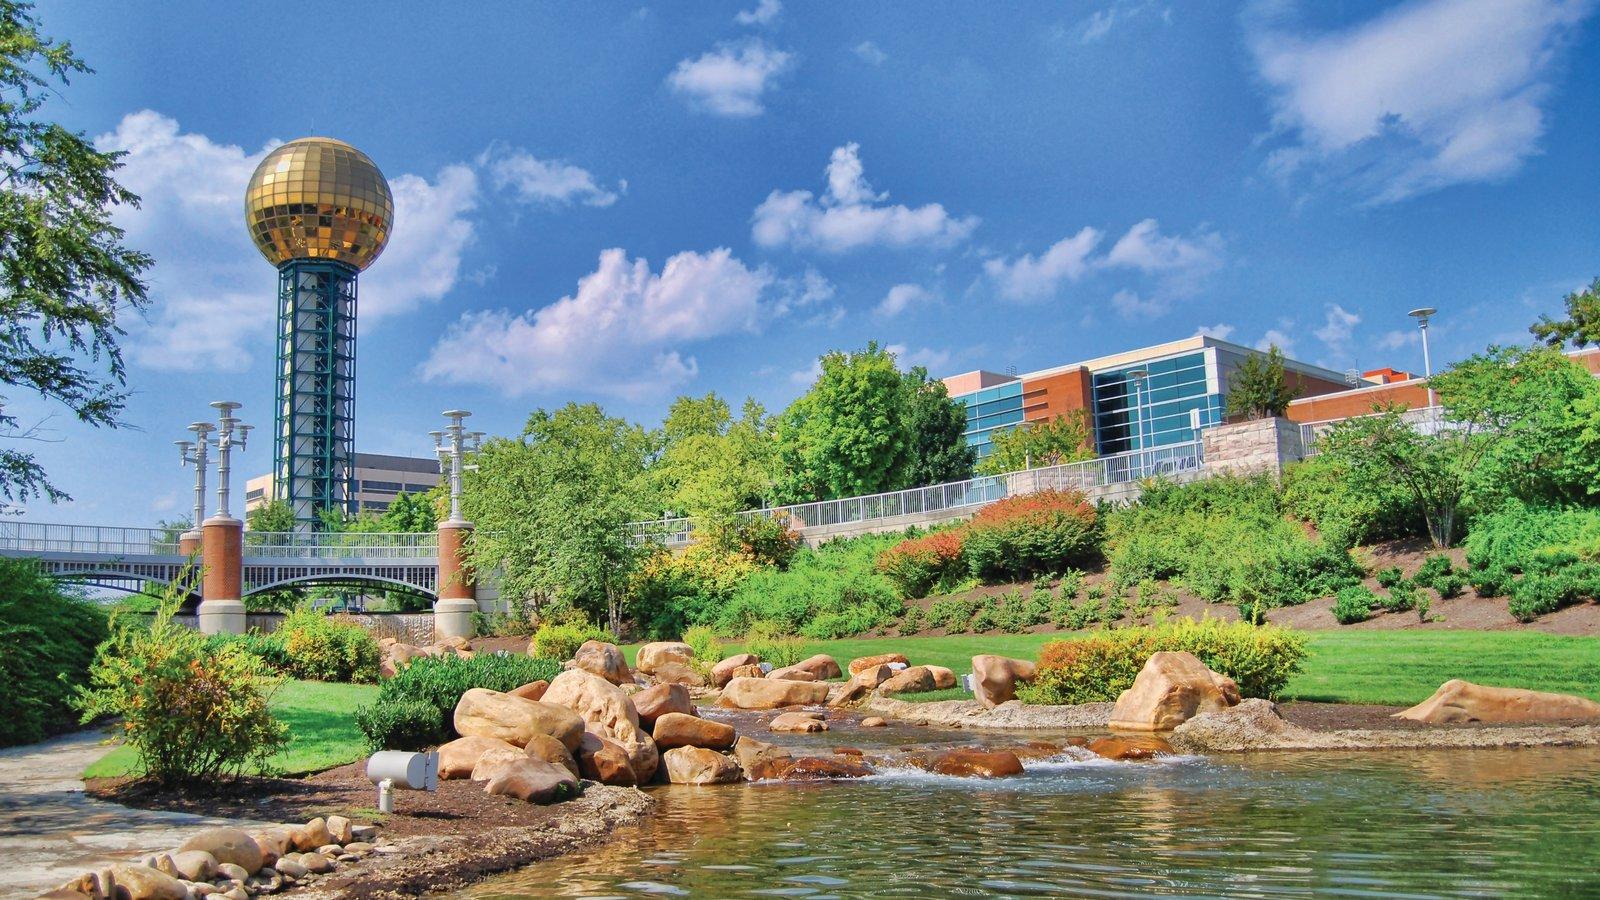 Knoxville caracterizando arquitetura moderna, um parque e um lago